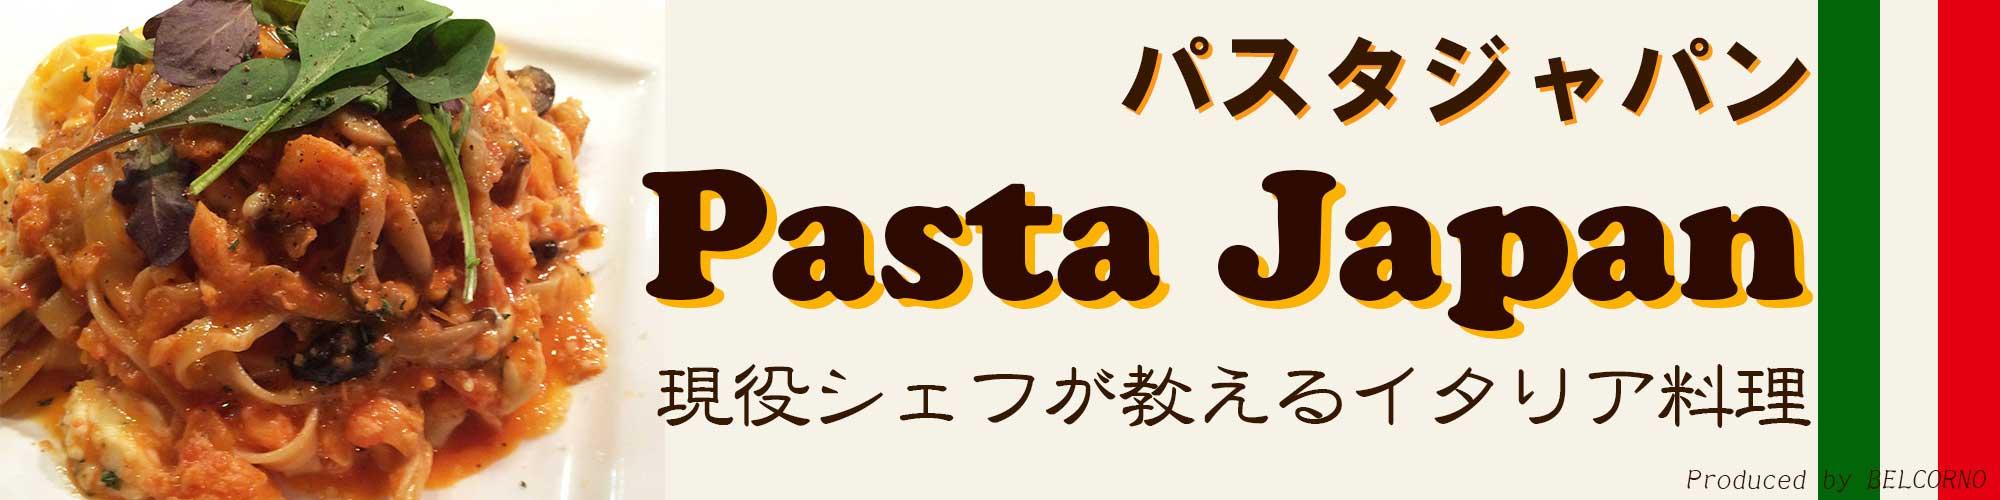 パスタジャパン ~ 現役シェフが教えるイタリア料理 ~